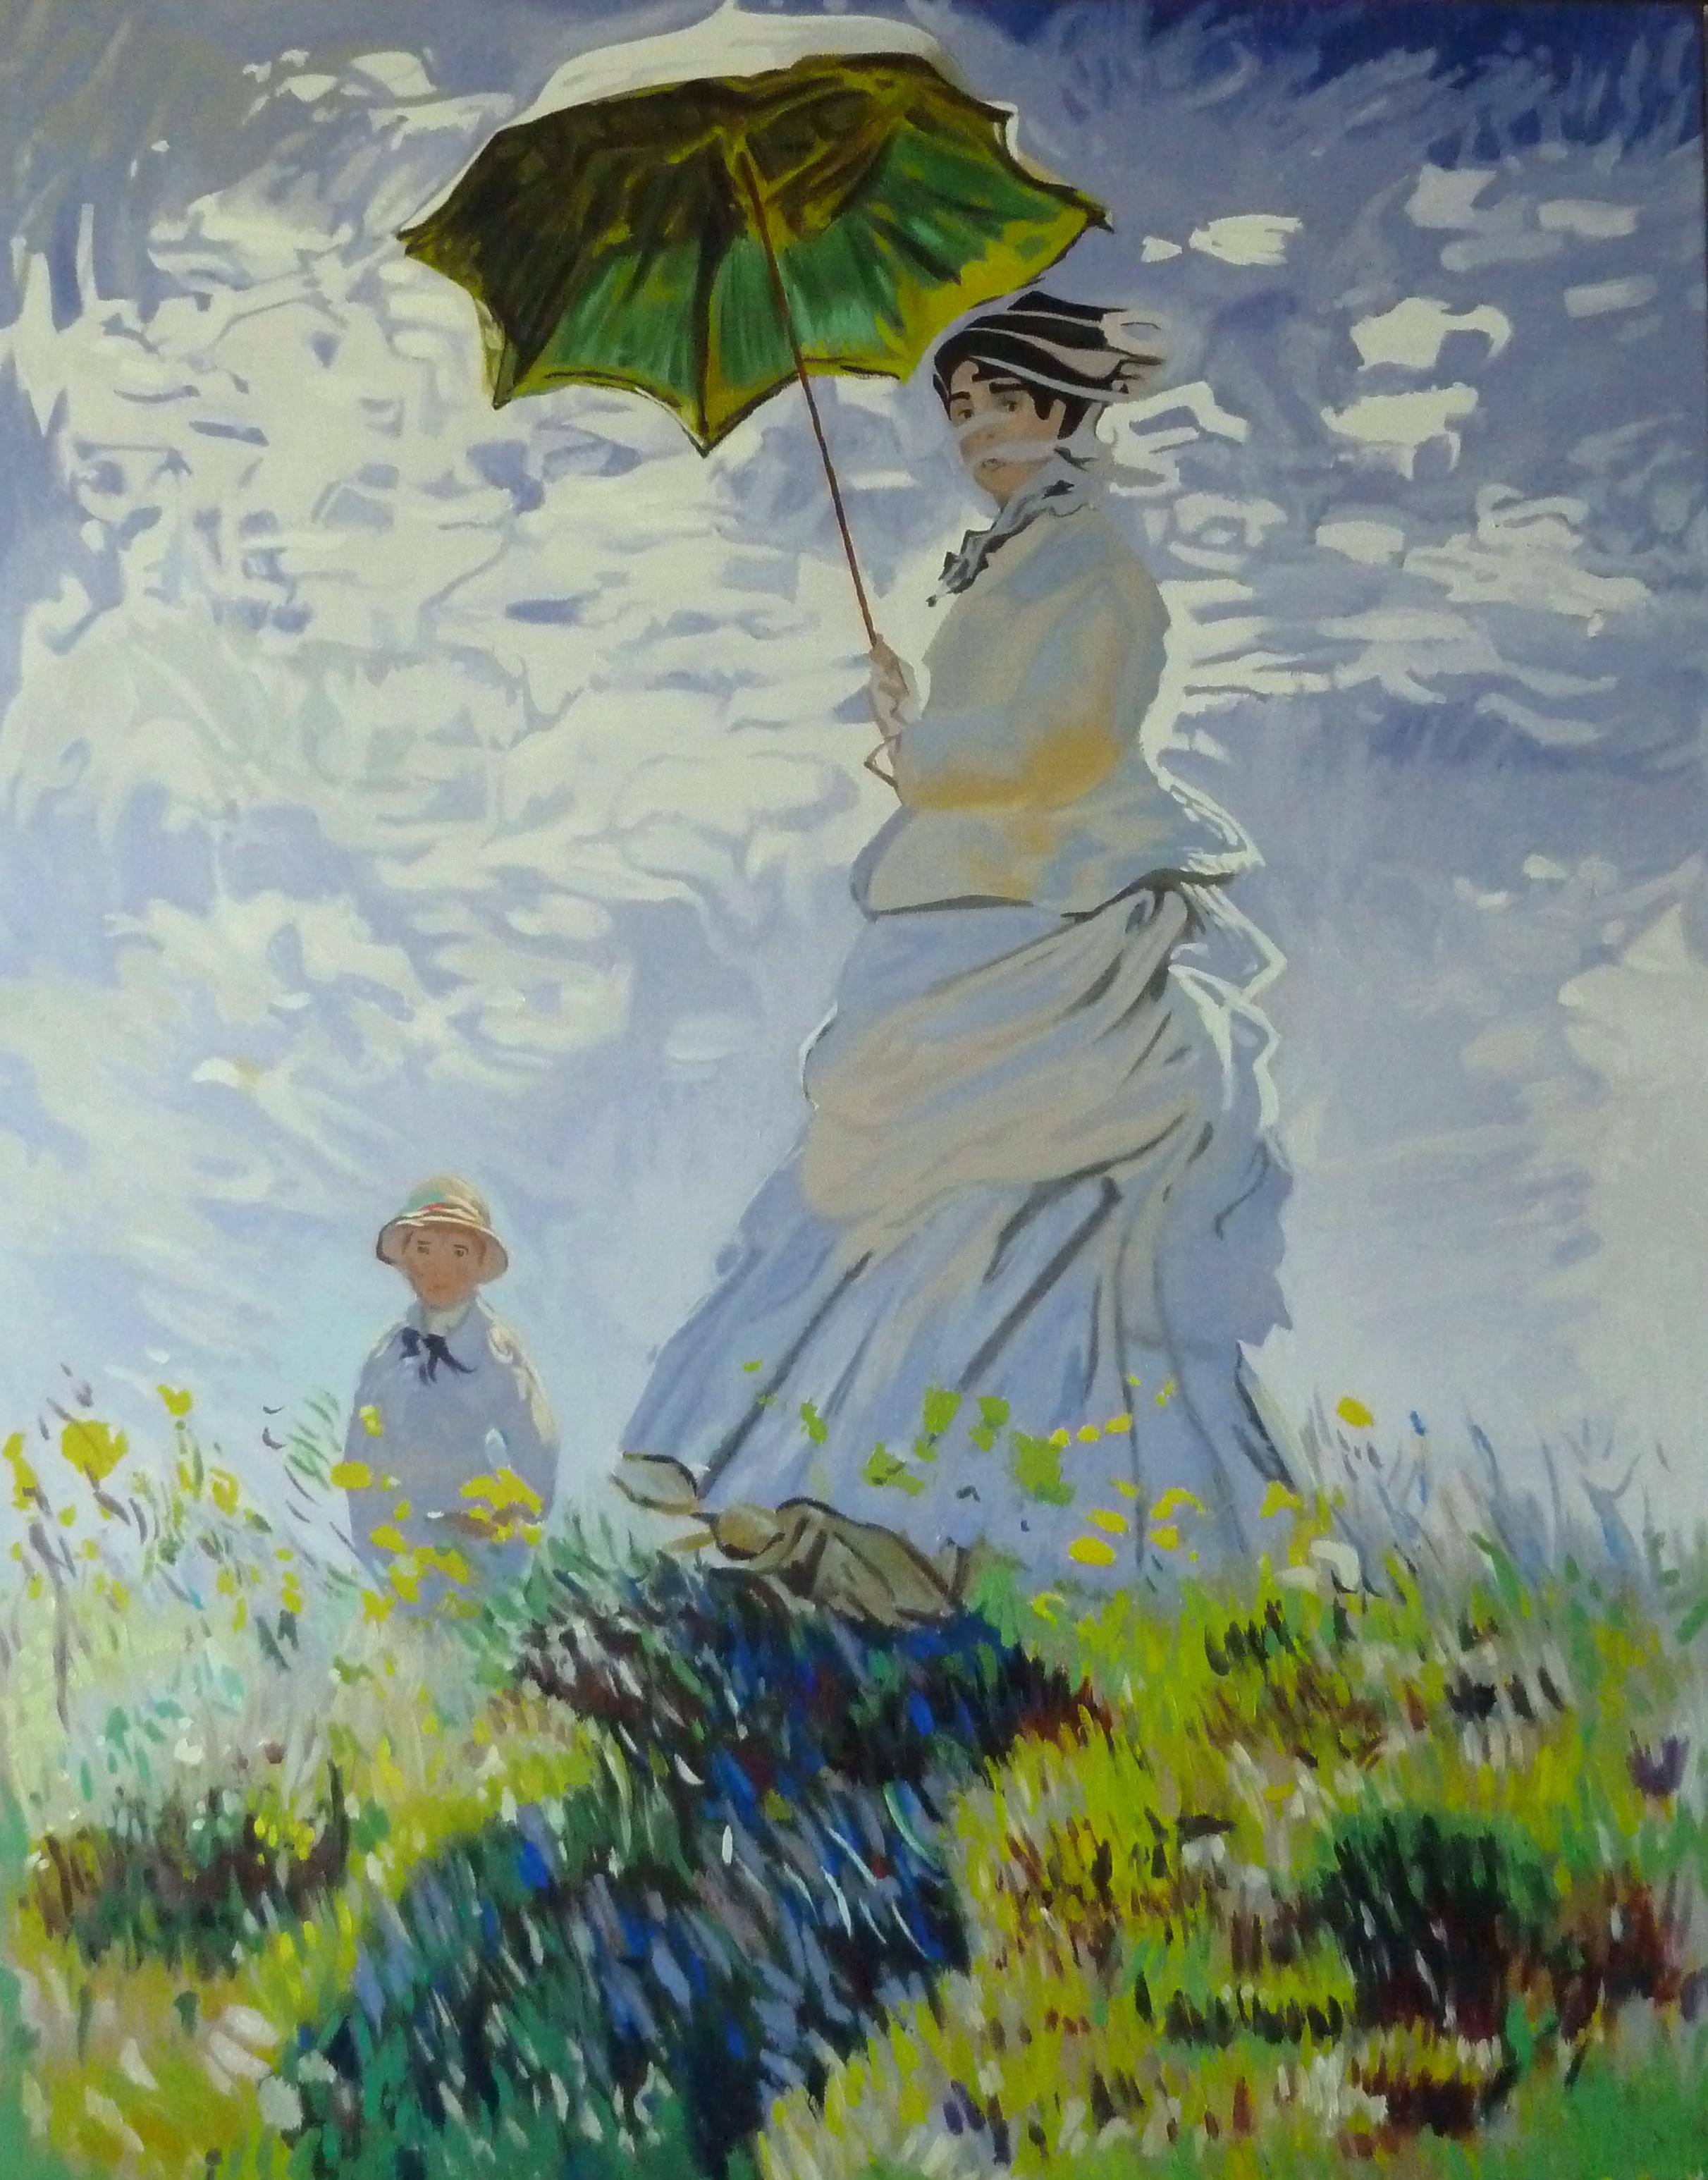 Femme à l'ombrelle (vers la gauche)